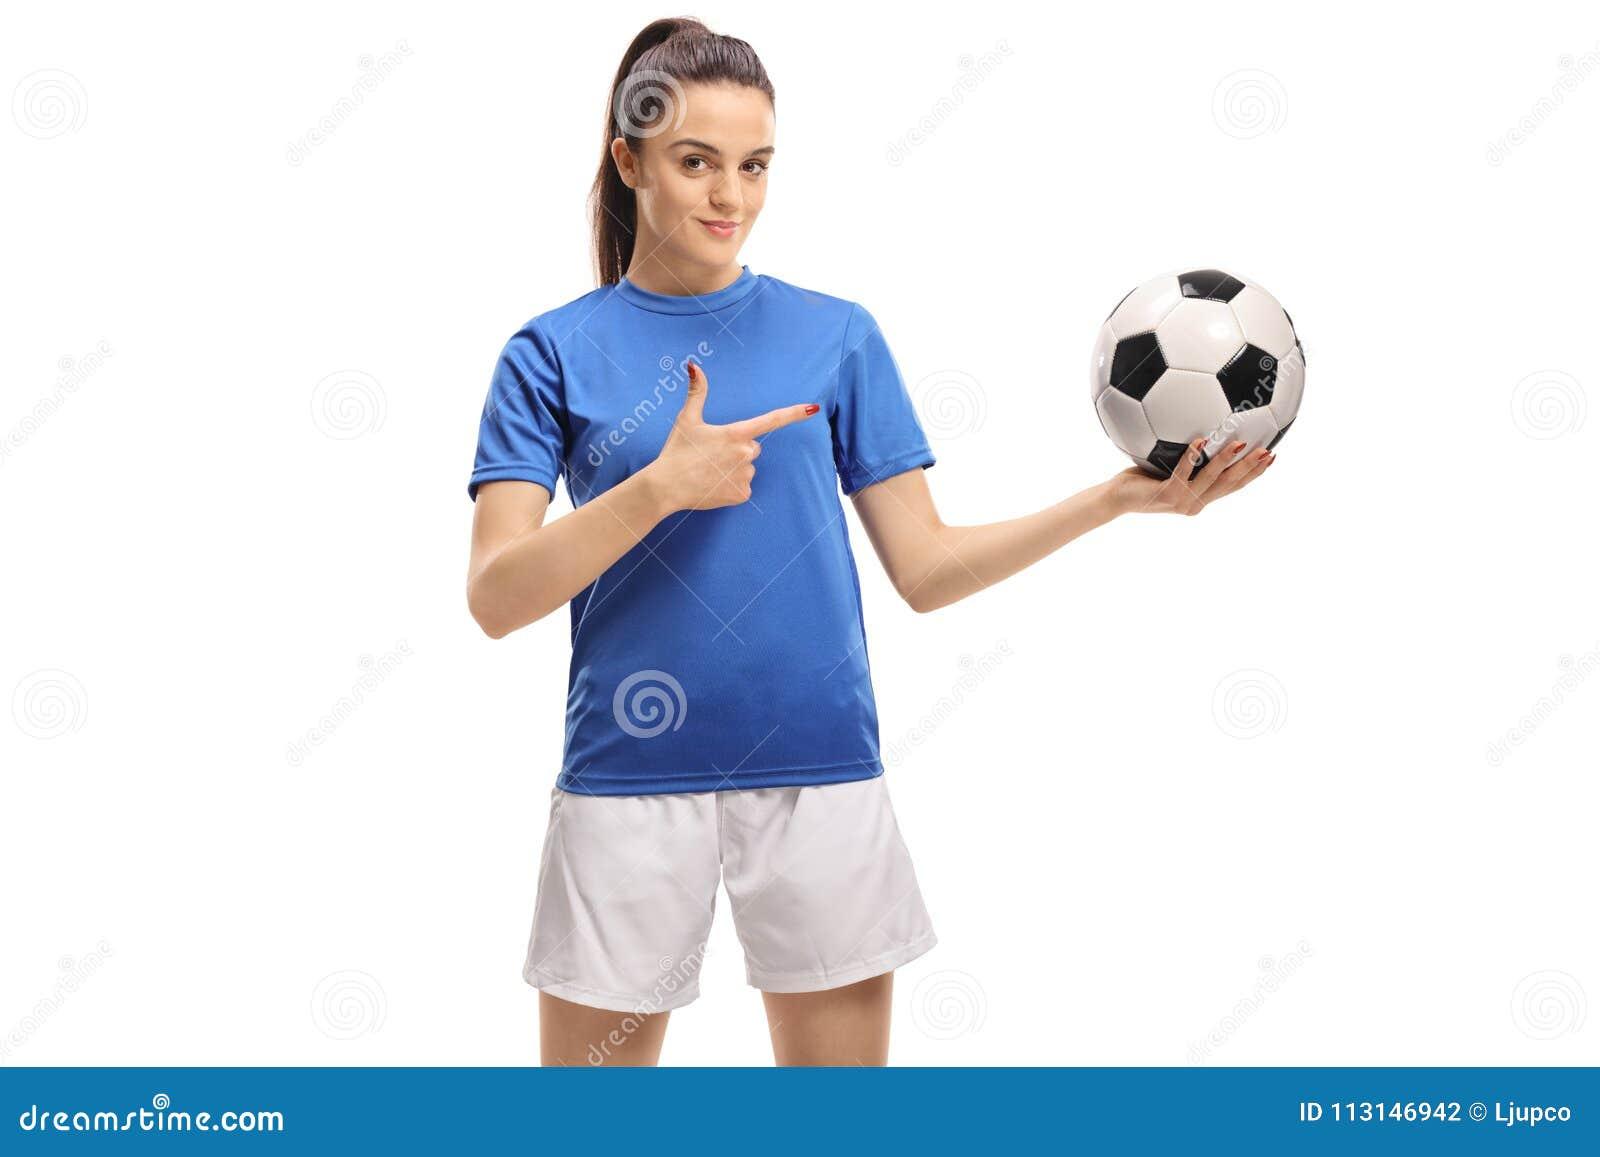 Weiblicher Fussballspieler Der Einen Fussball Und Ein Zeigen